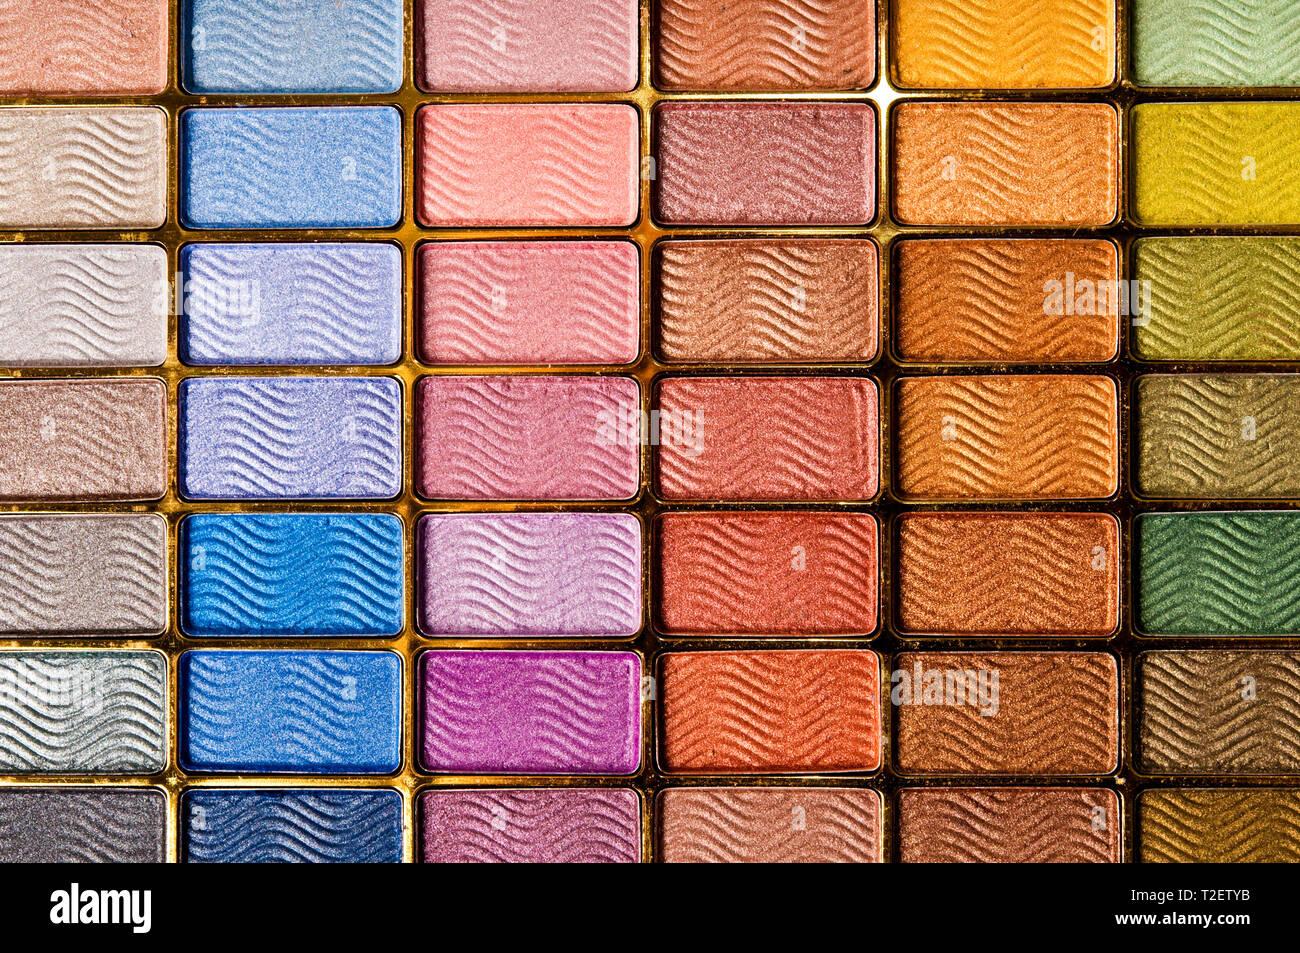 Patrón de colores de un cuadro de maquillaje Foto de stock